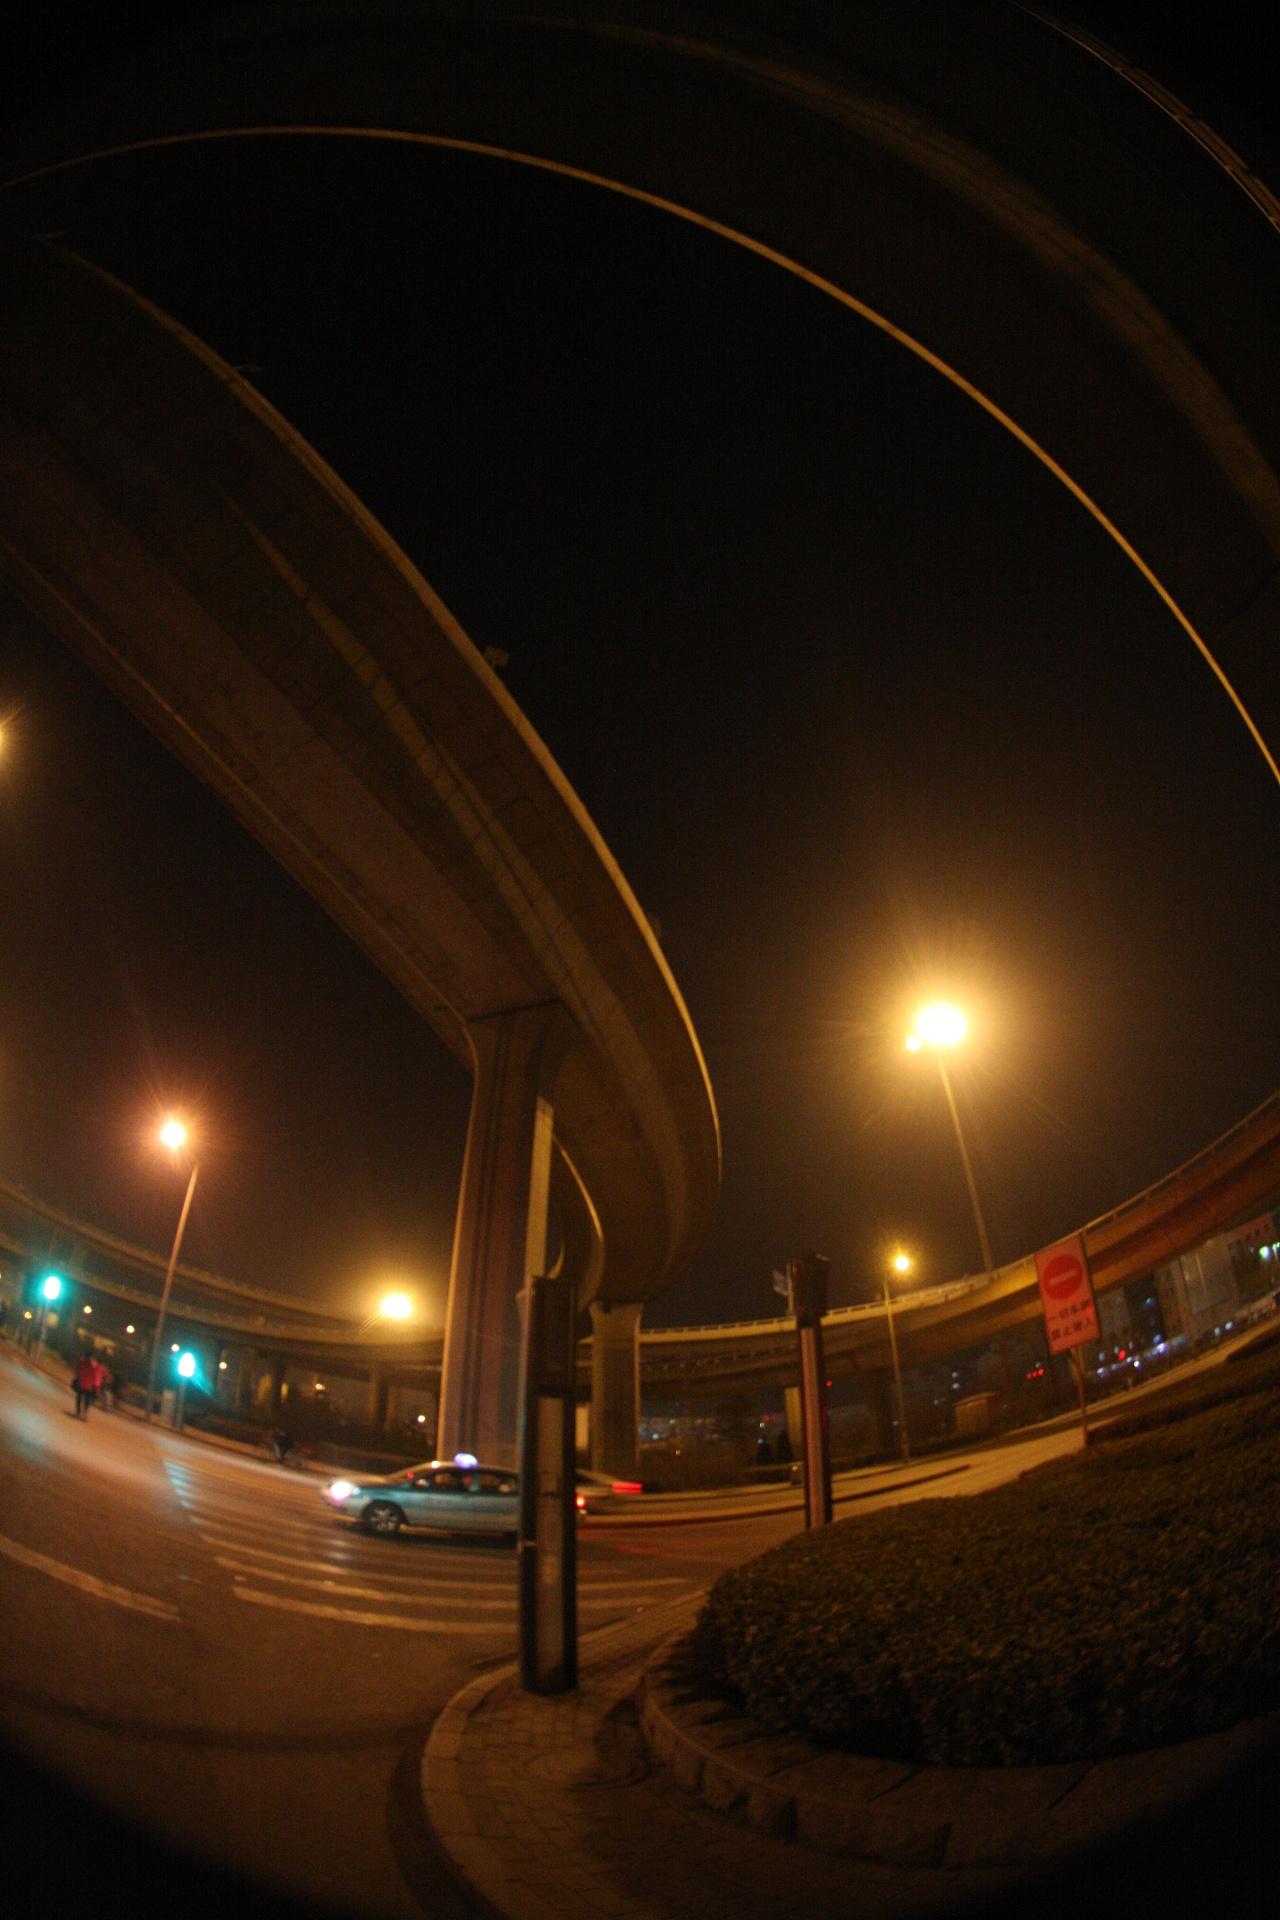 天津一桥上发生车祸 事故导致交通缓行_大燕网天津站_腾讯网